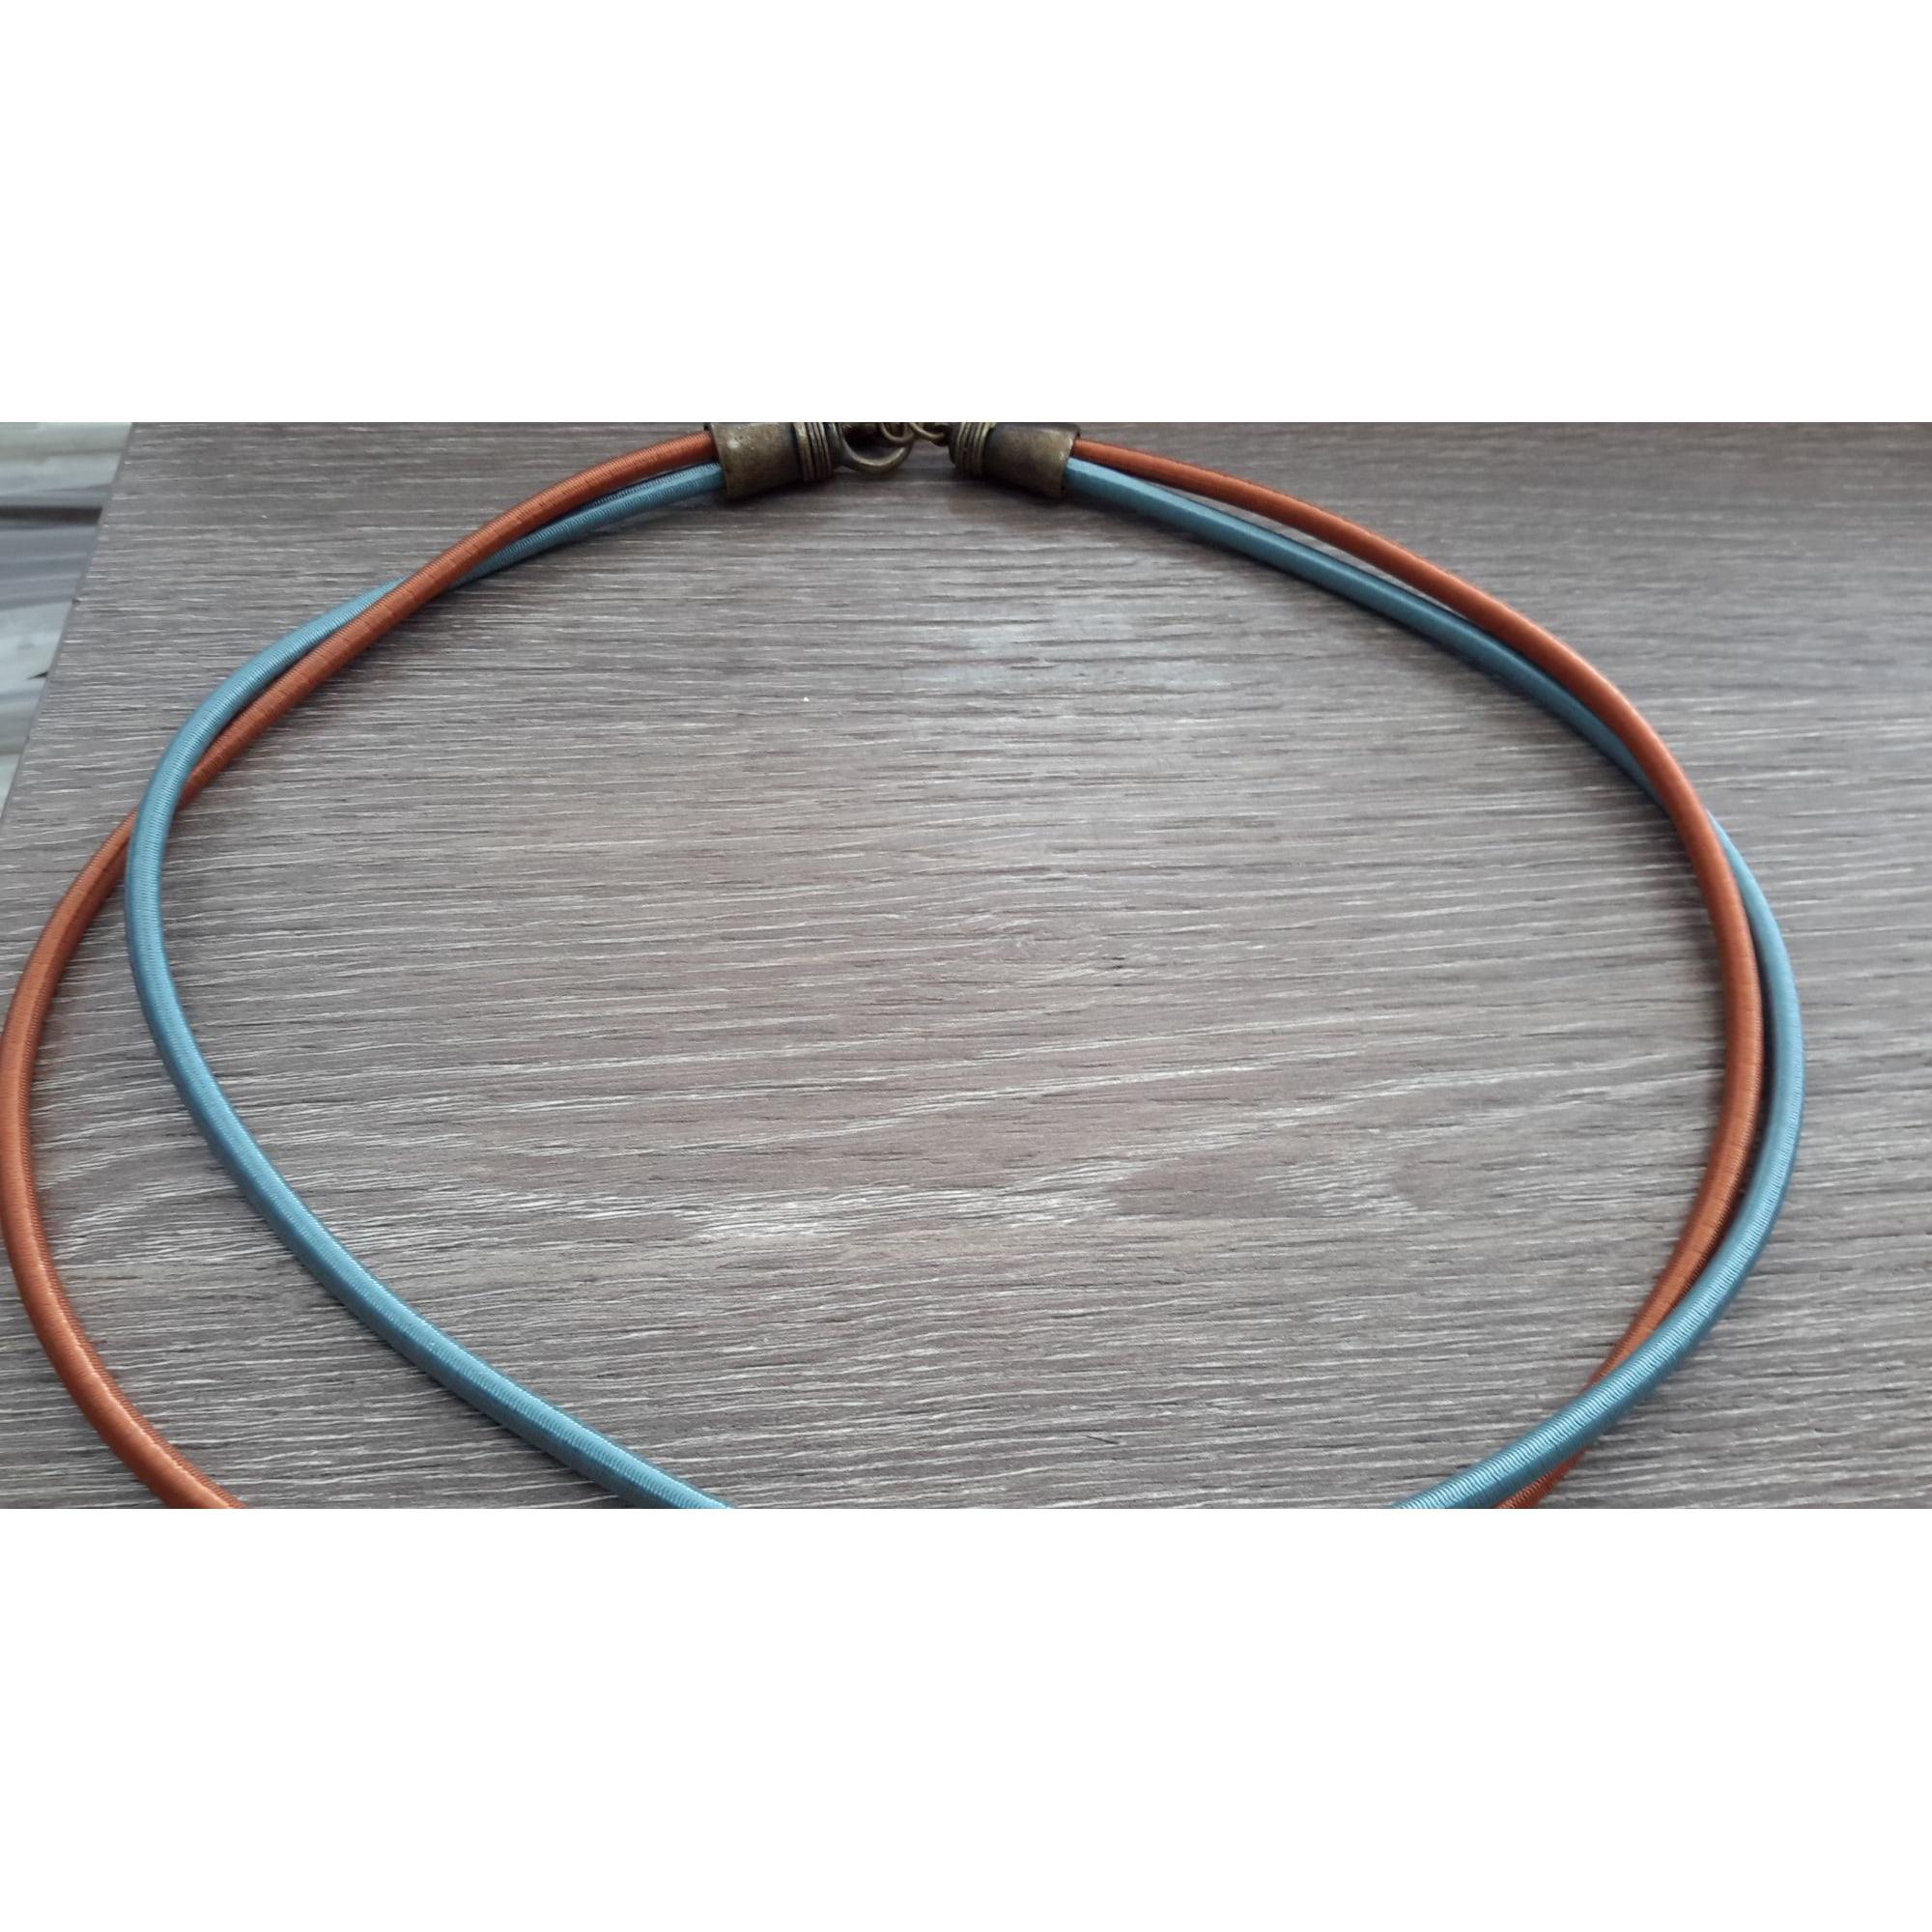 Collier LA TRIBU RIGAUX caoutchouc multicolore